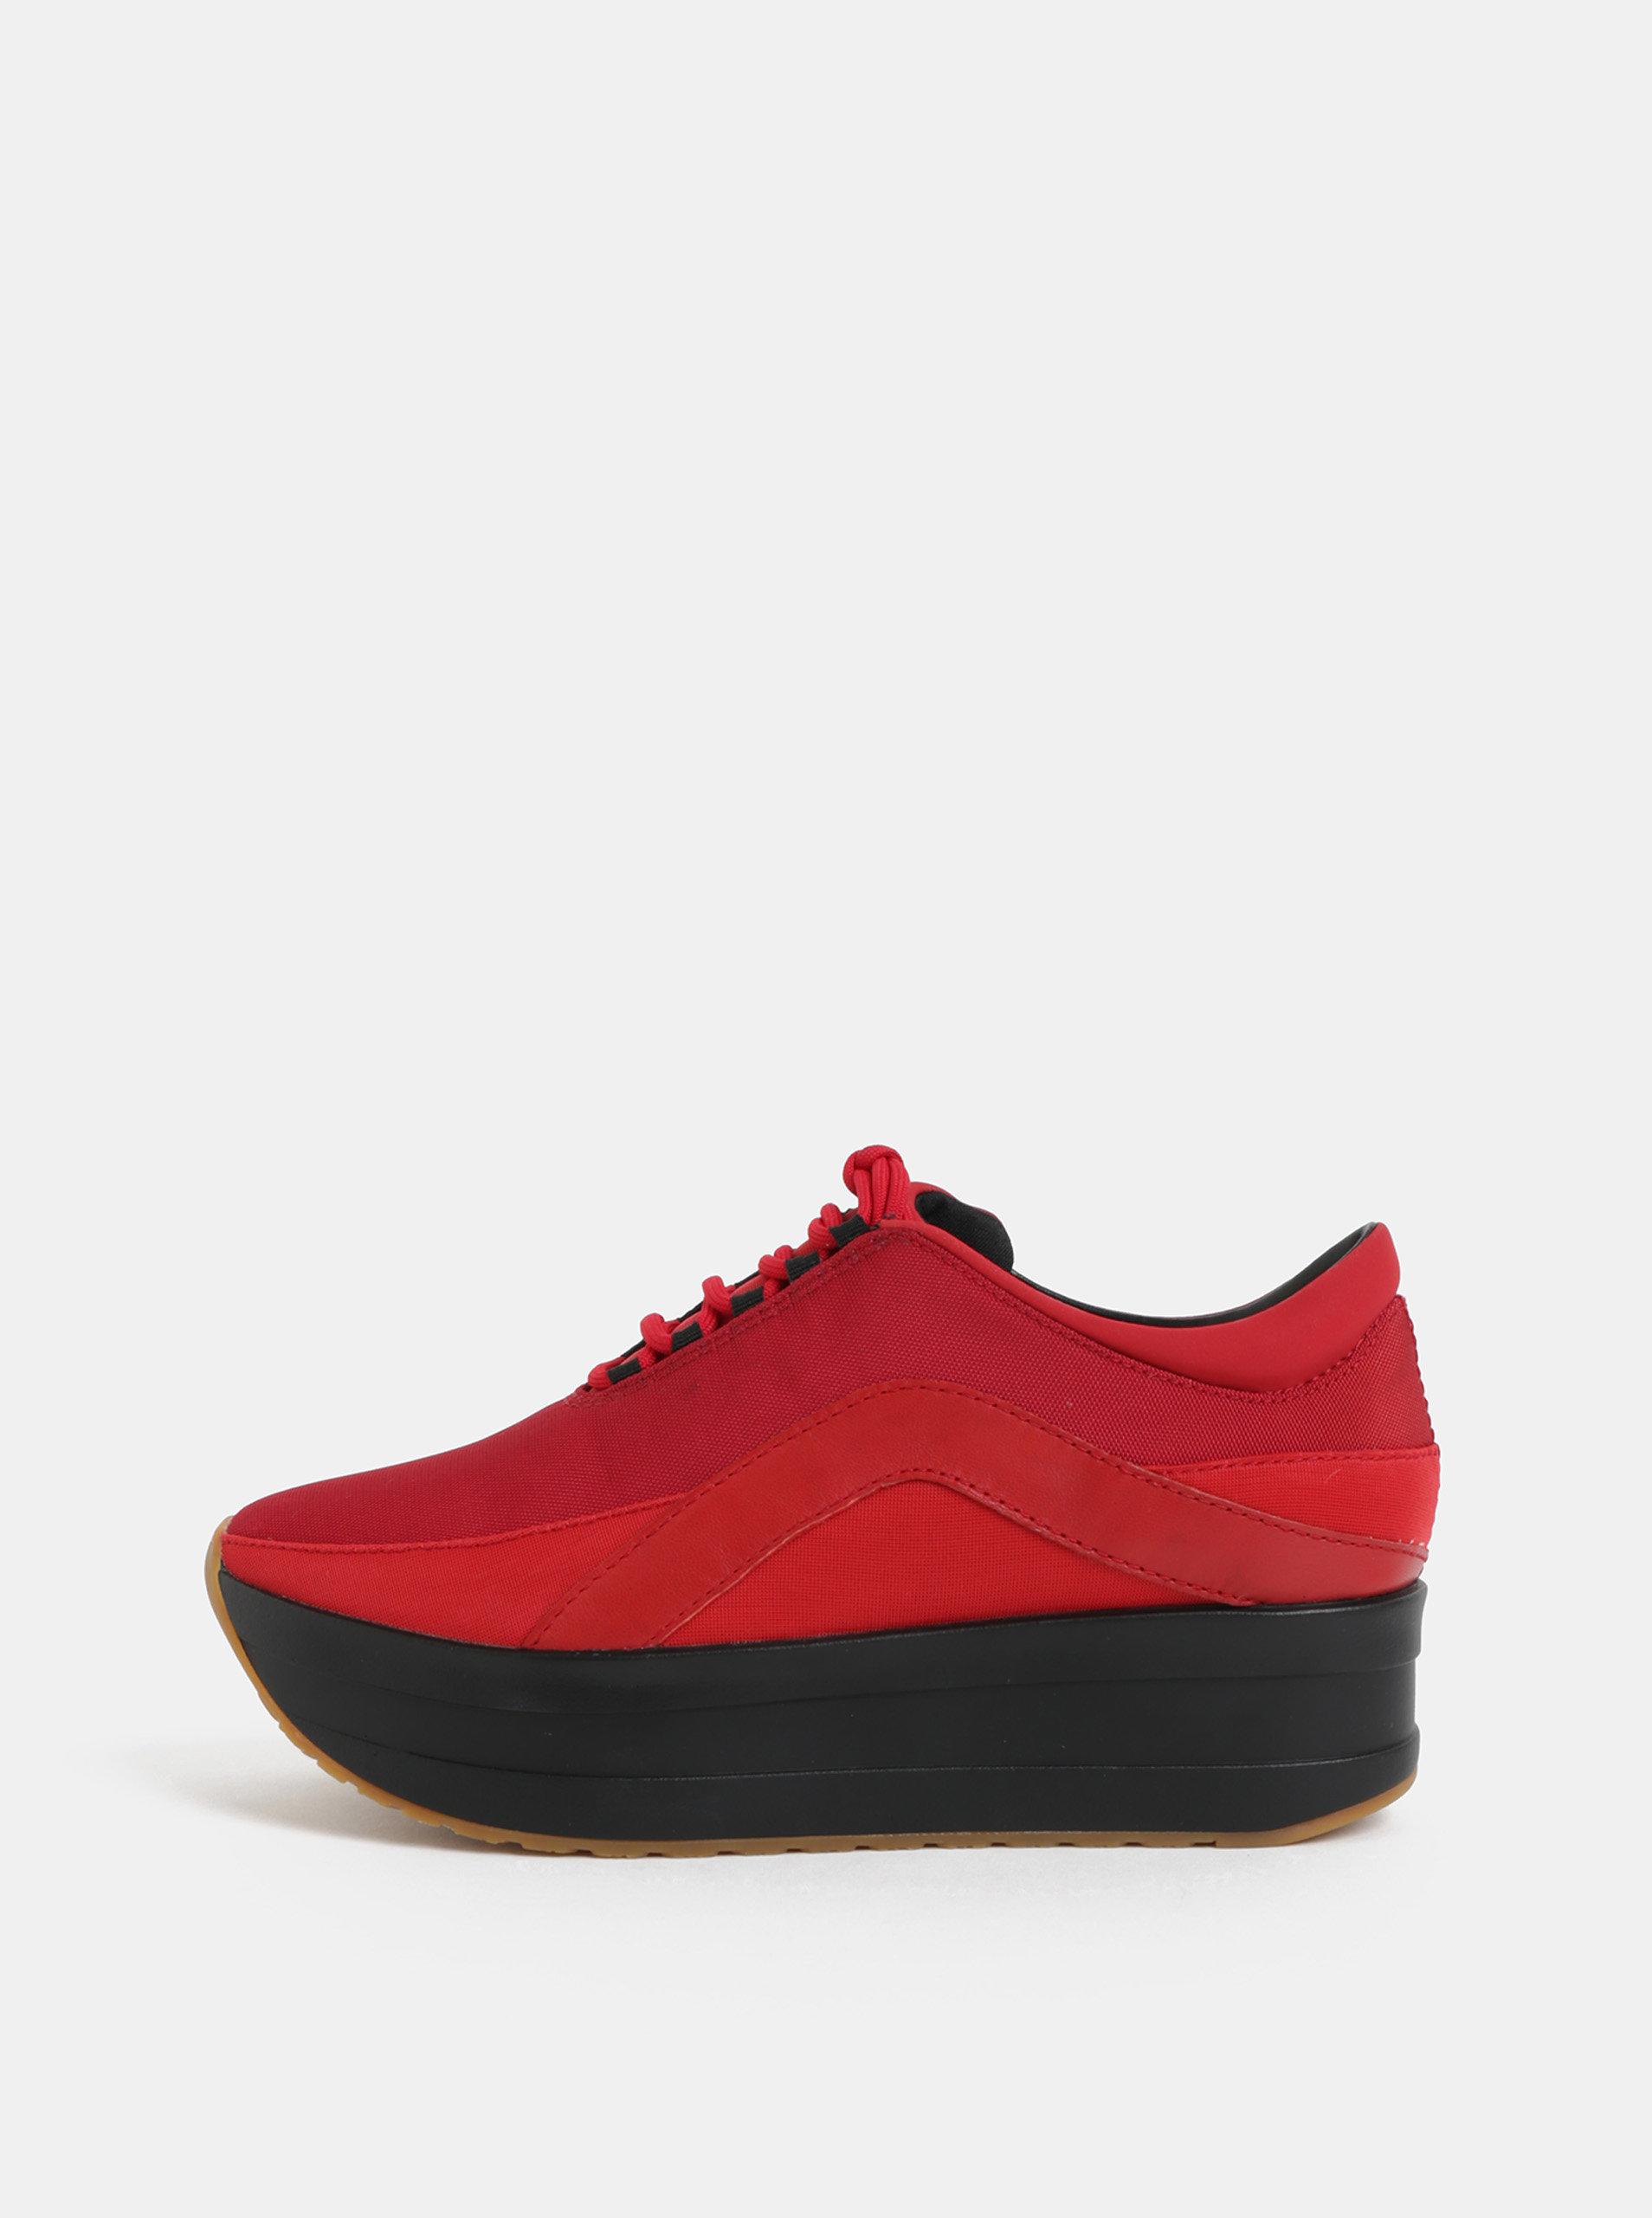 Černo-červené dámské tenisky na platformě Vagabond Casey ... b4a126404a